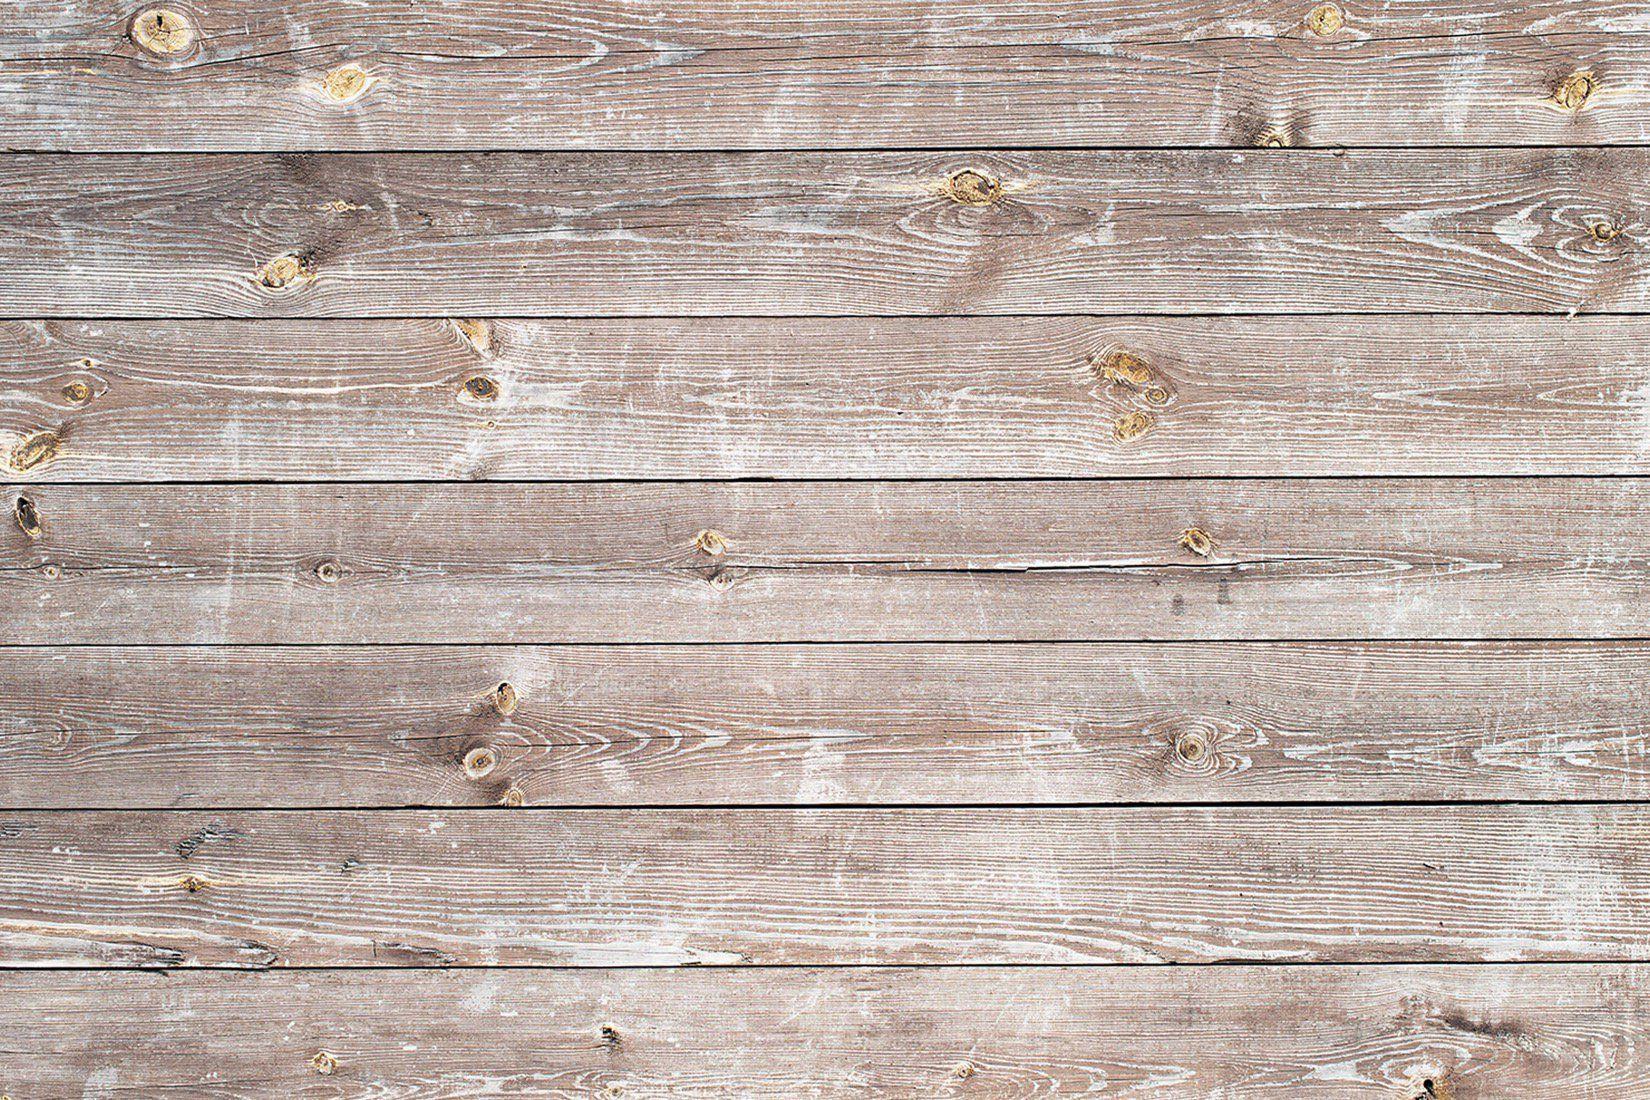 Coastal Weathered Wood Wallpaper Mural Murals Wallpaper Weathered Wood Wall Weathered Wood Rustic Wallpaper